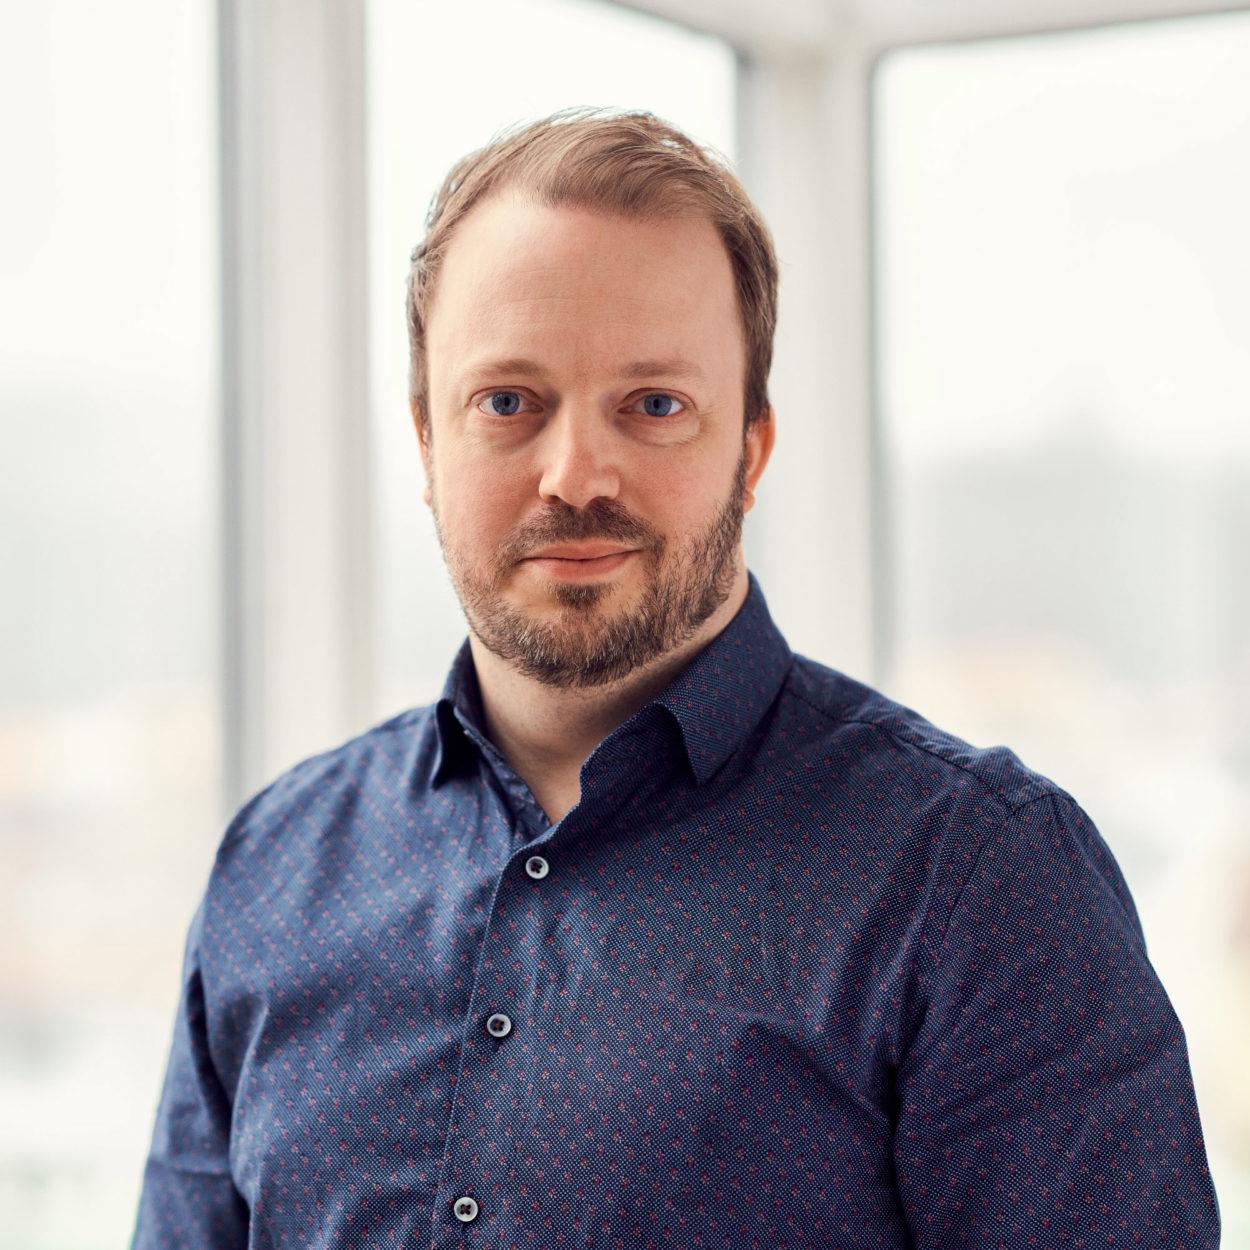 Telenta Peter Hygren